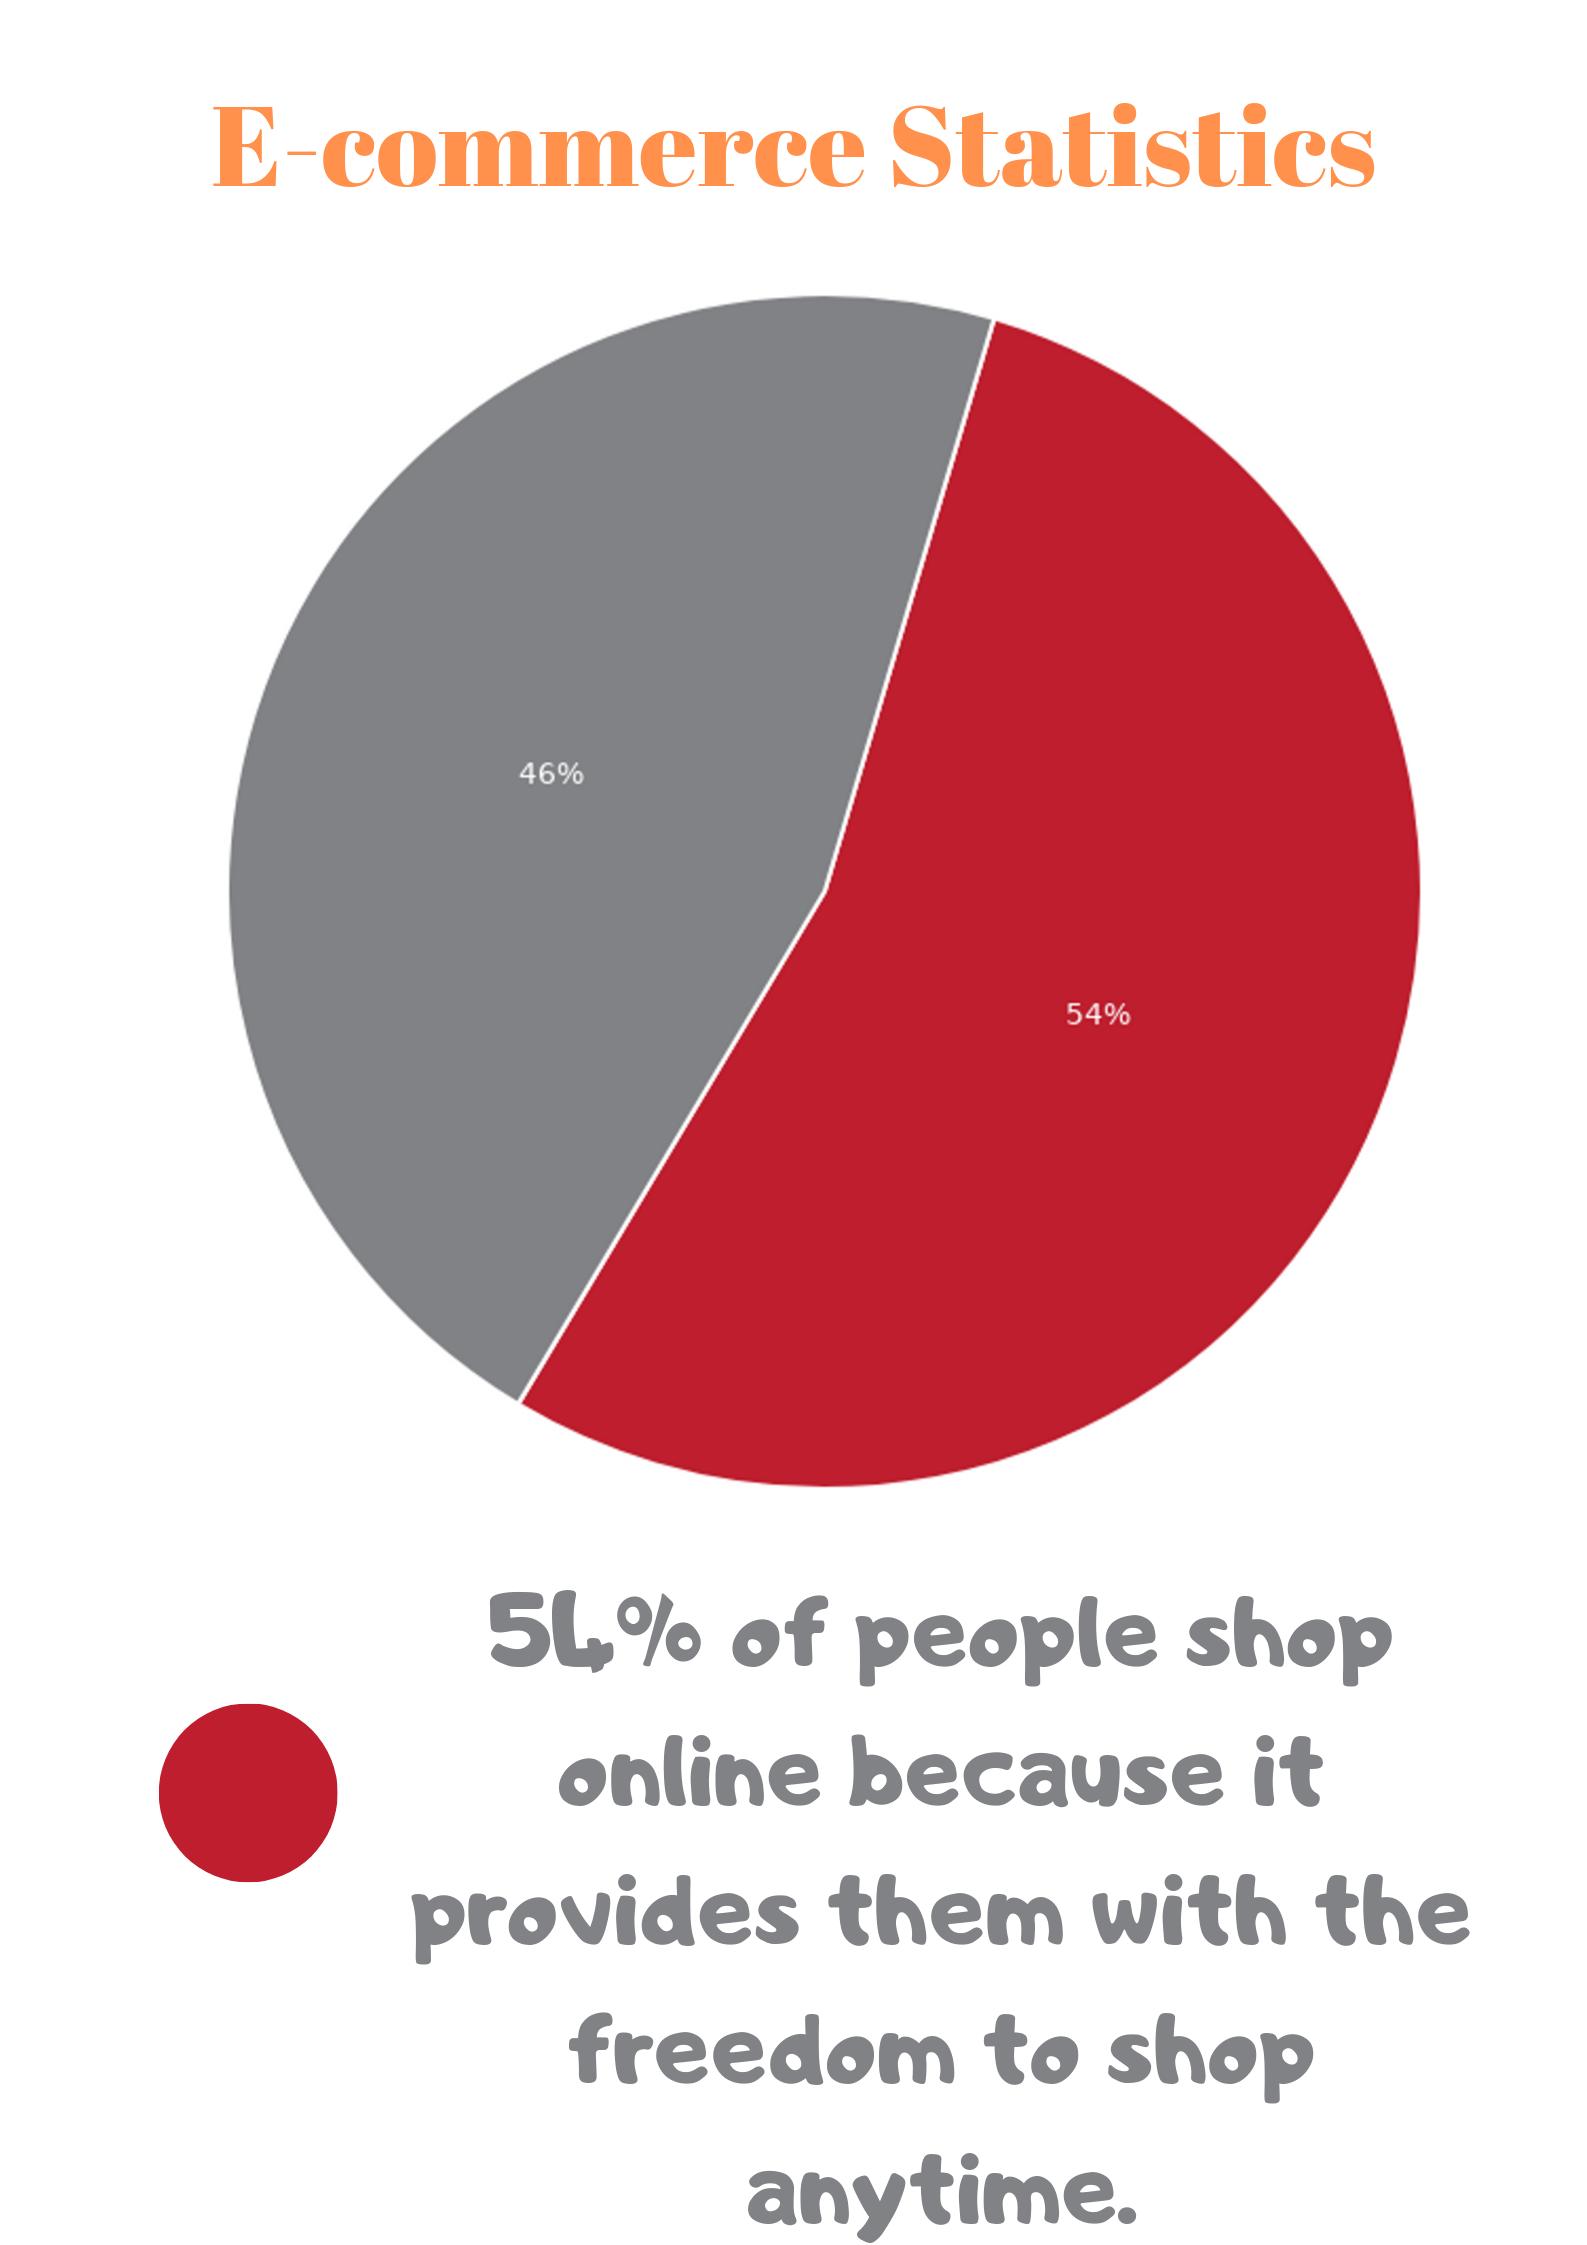 e-commerce statistics